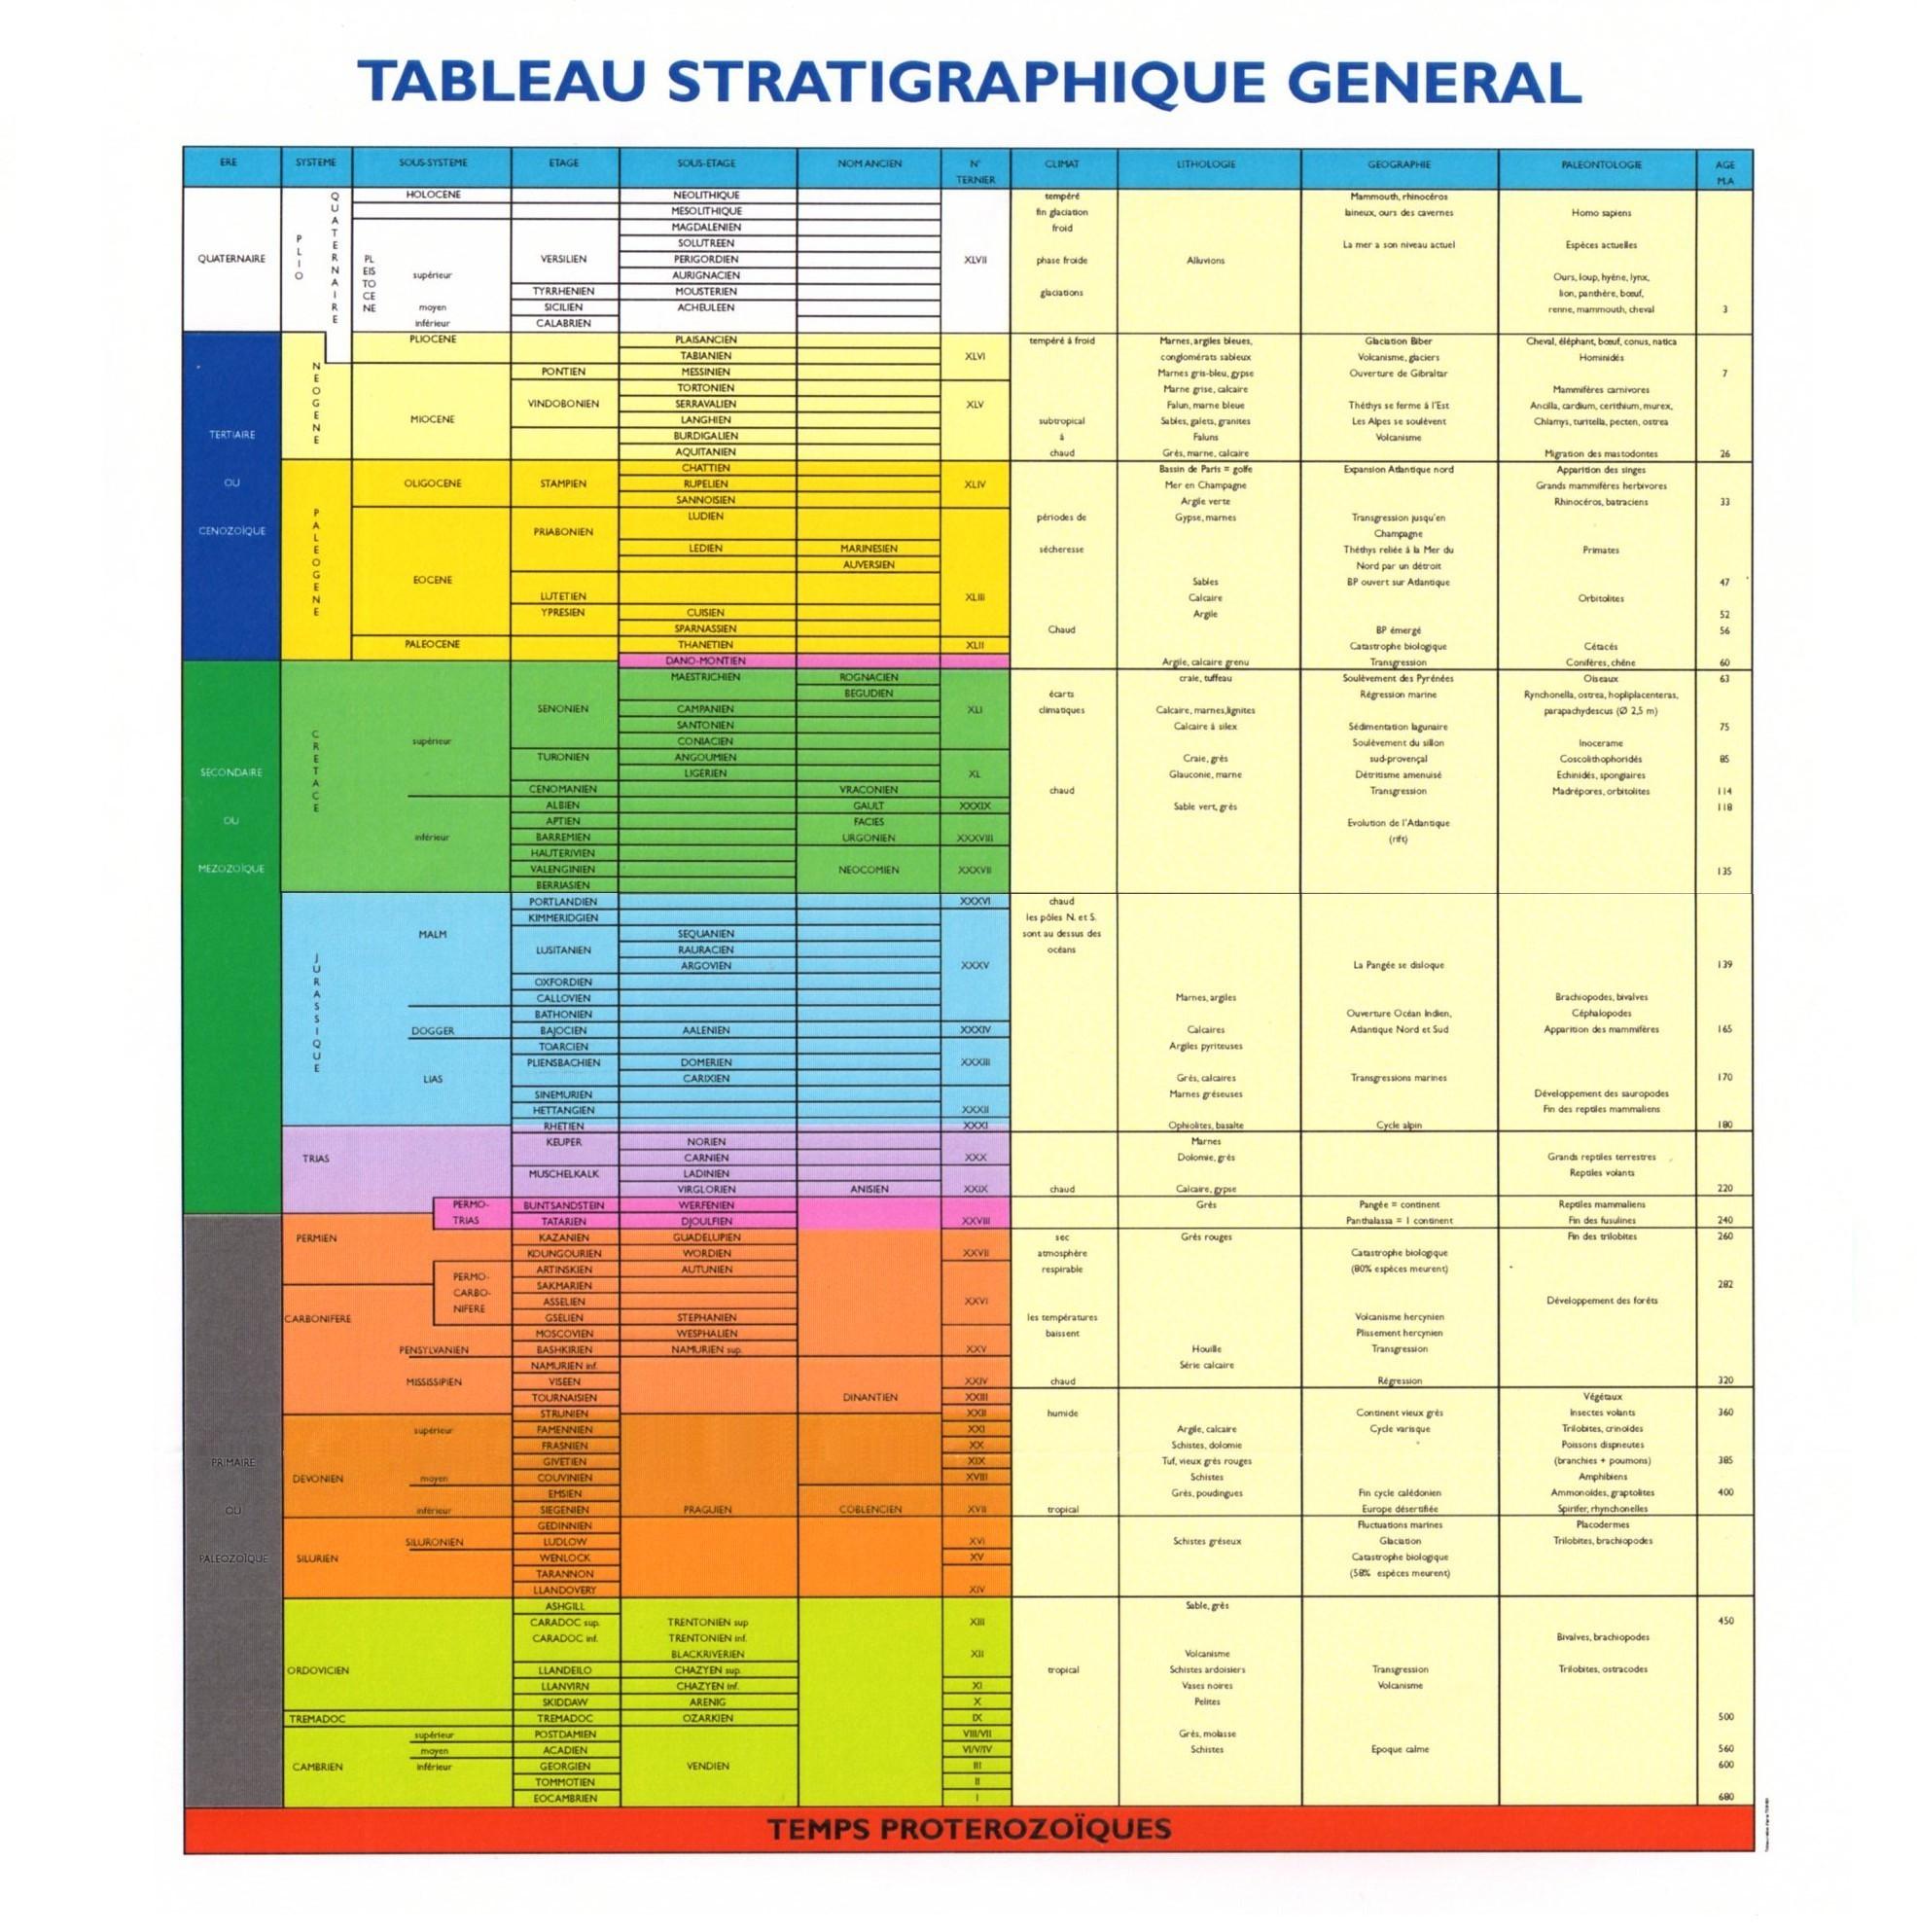 Tableau stratigraphique général